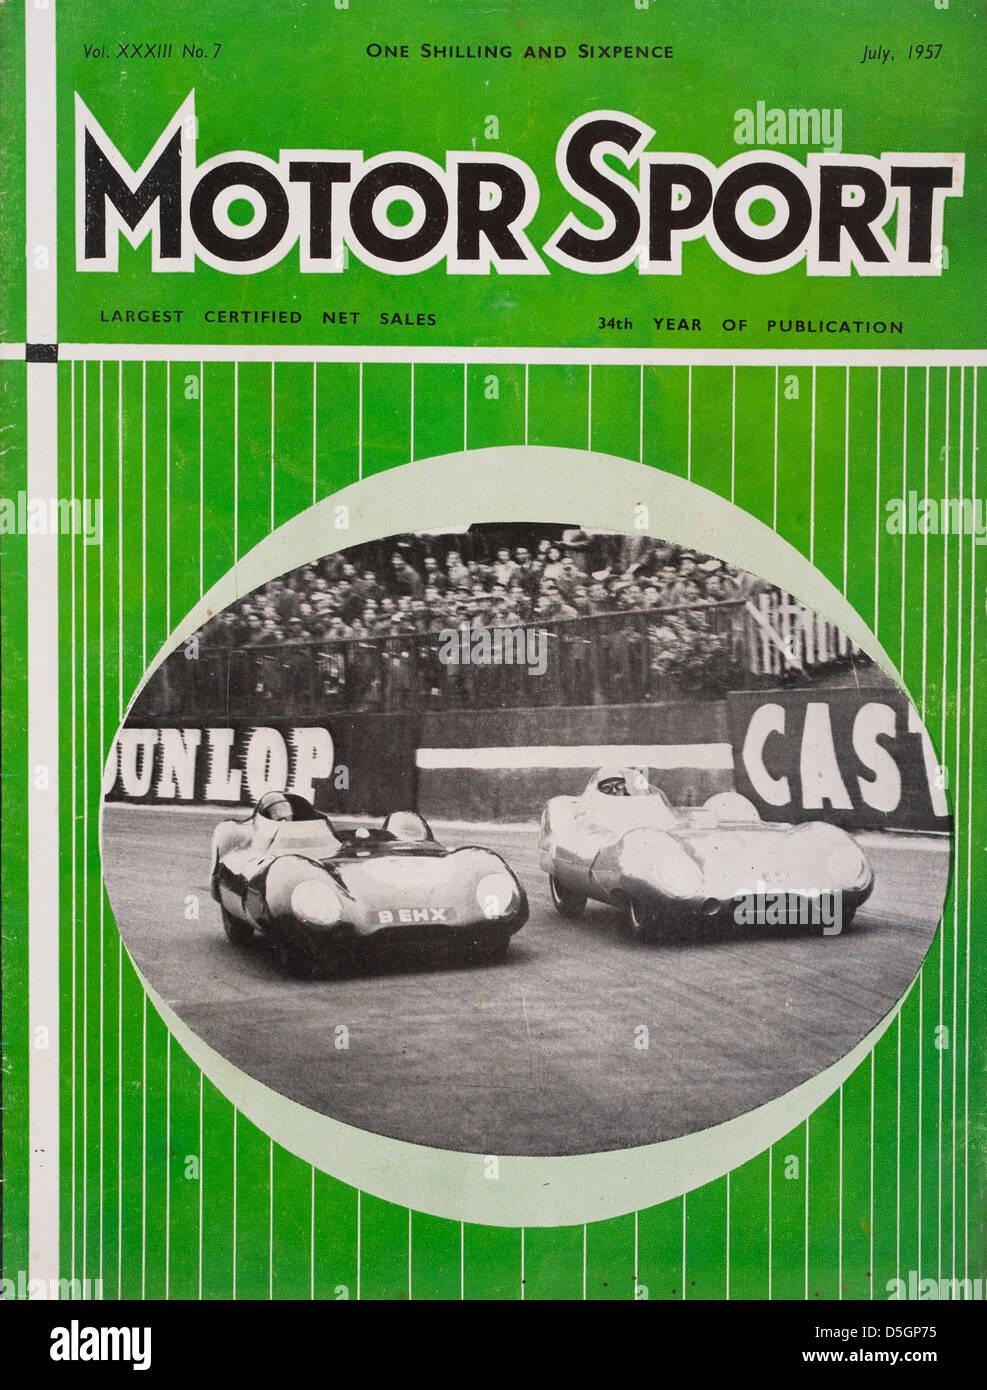 Motor Sport Magazine nº 7, Vol XXXIII, julio de 1957 Imagen De Stock